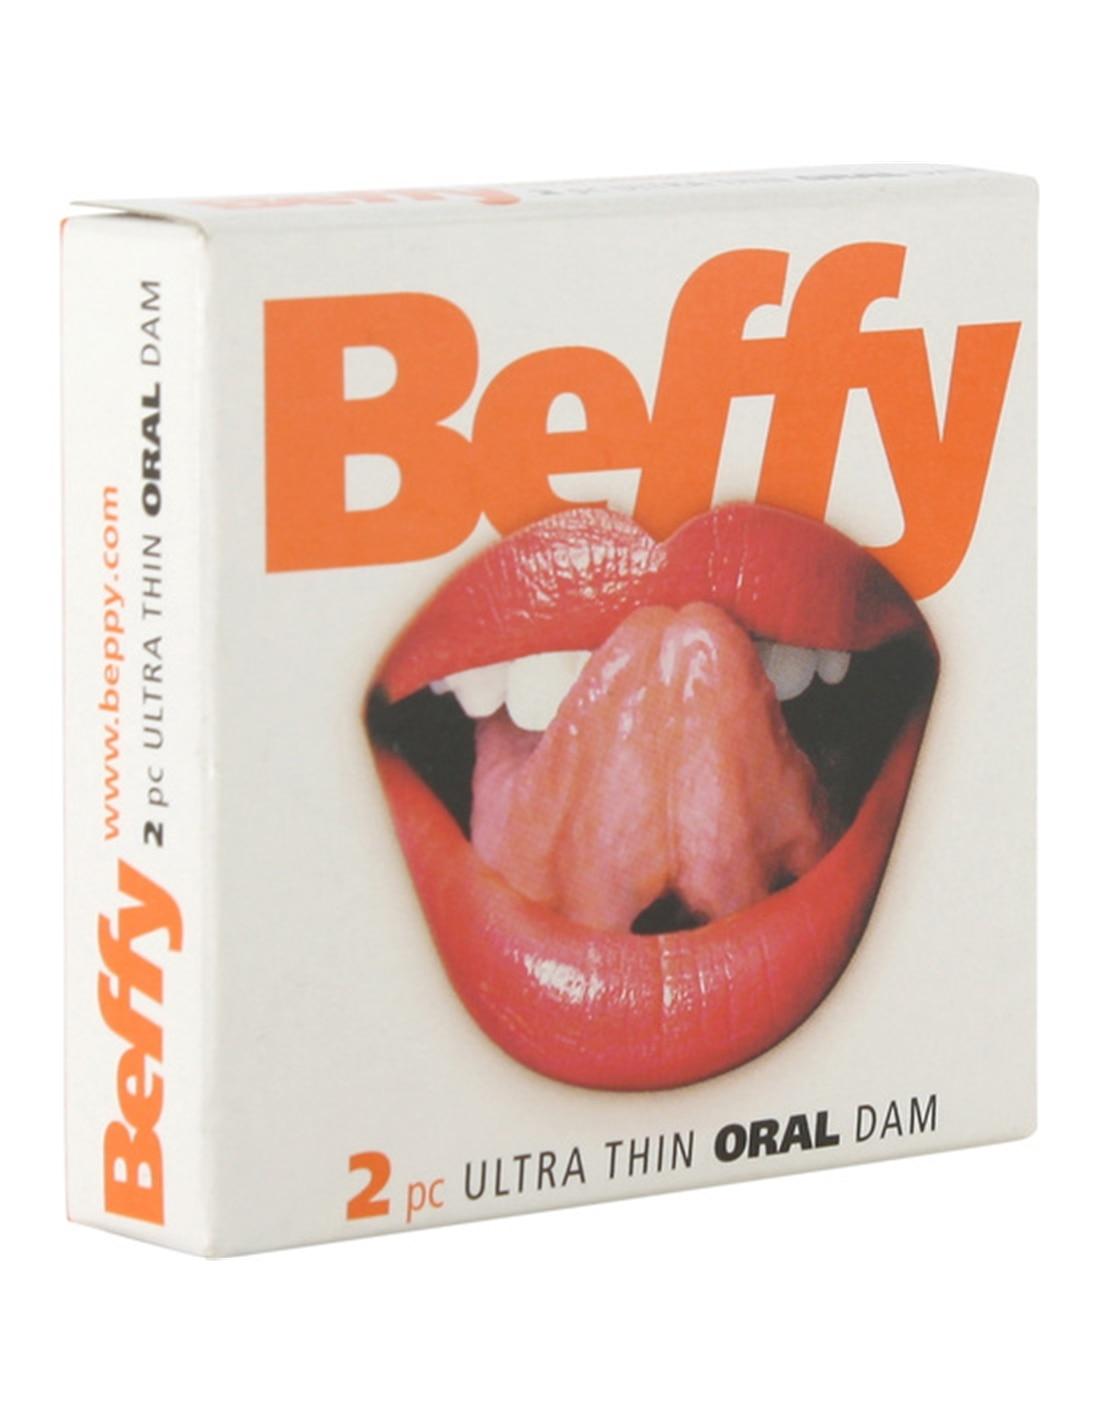 26277 - Beffy-DO29005730